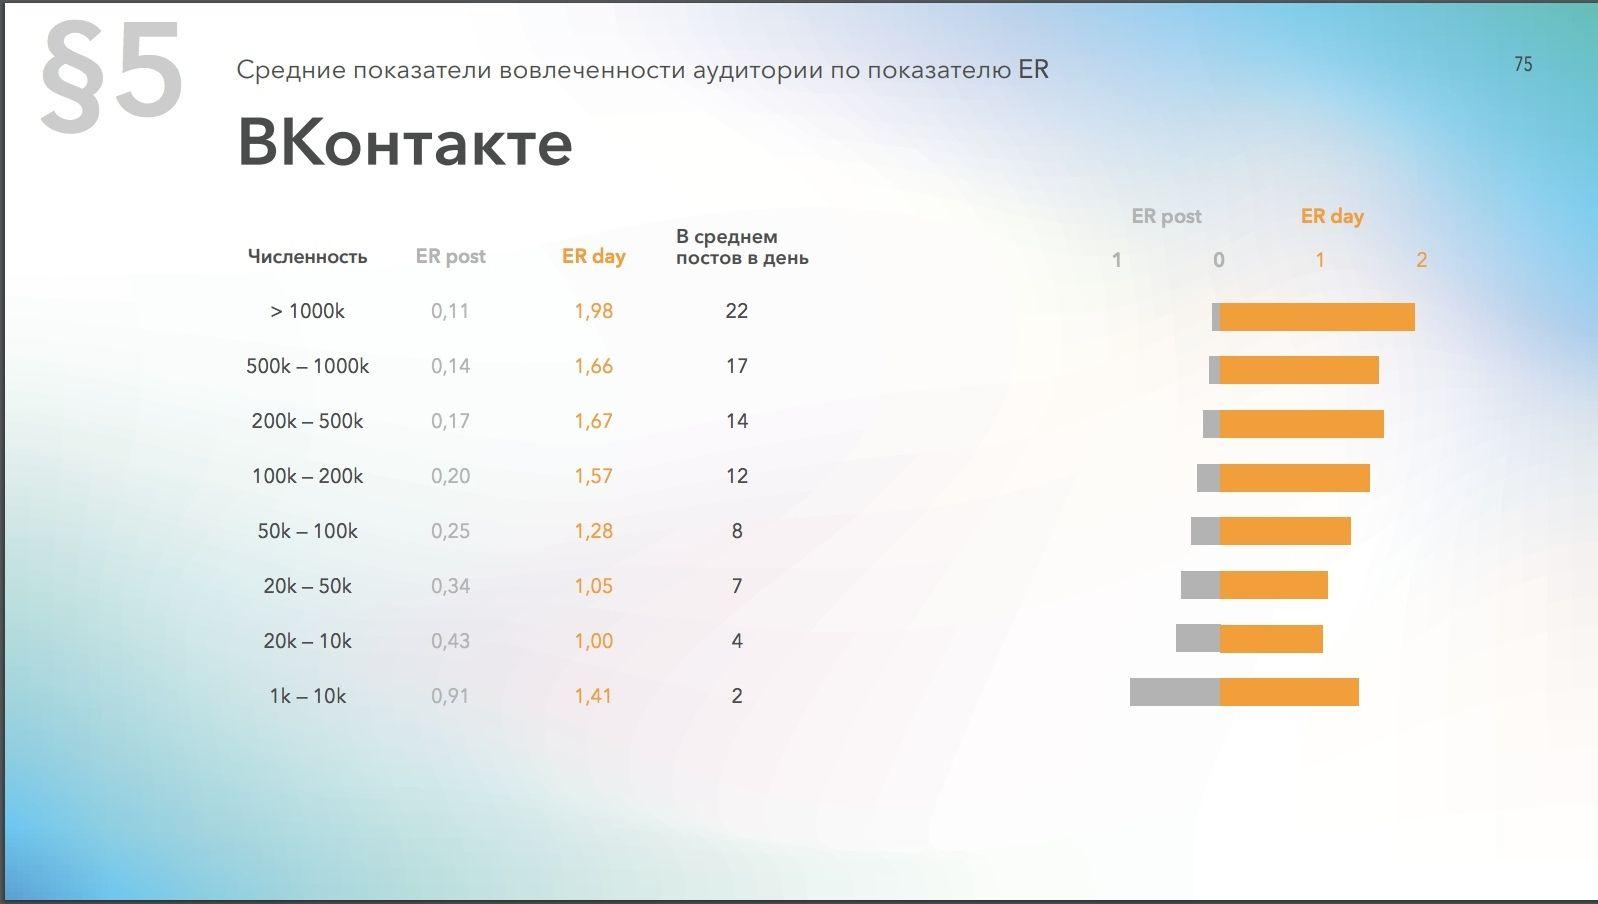 Популярное количество постов в день для ВКонтакте